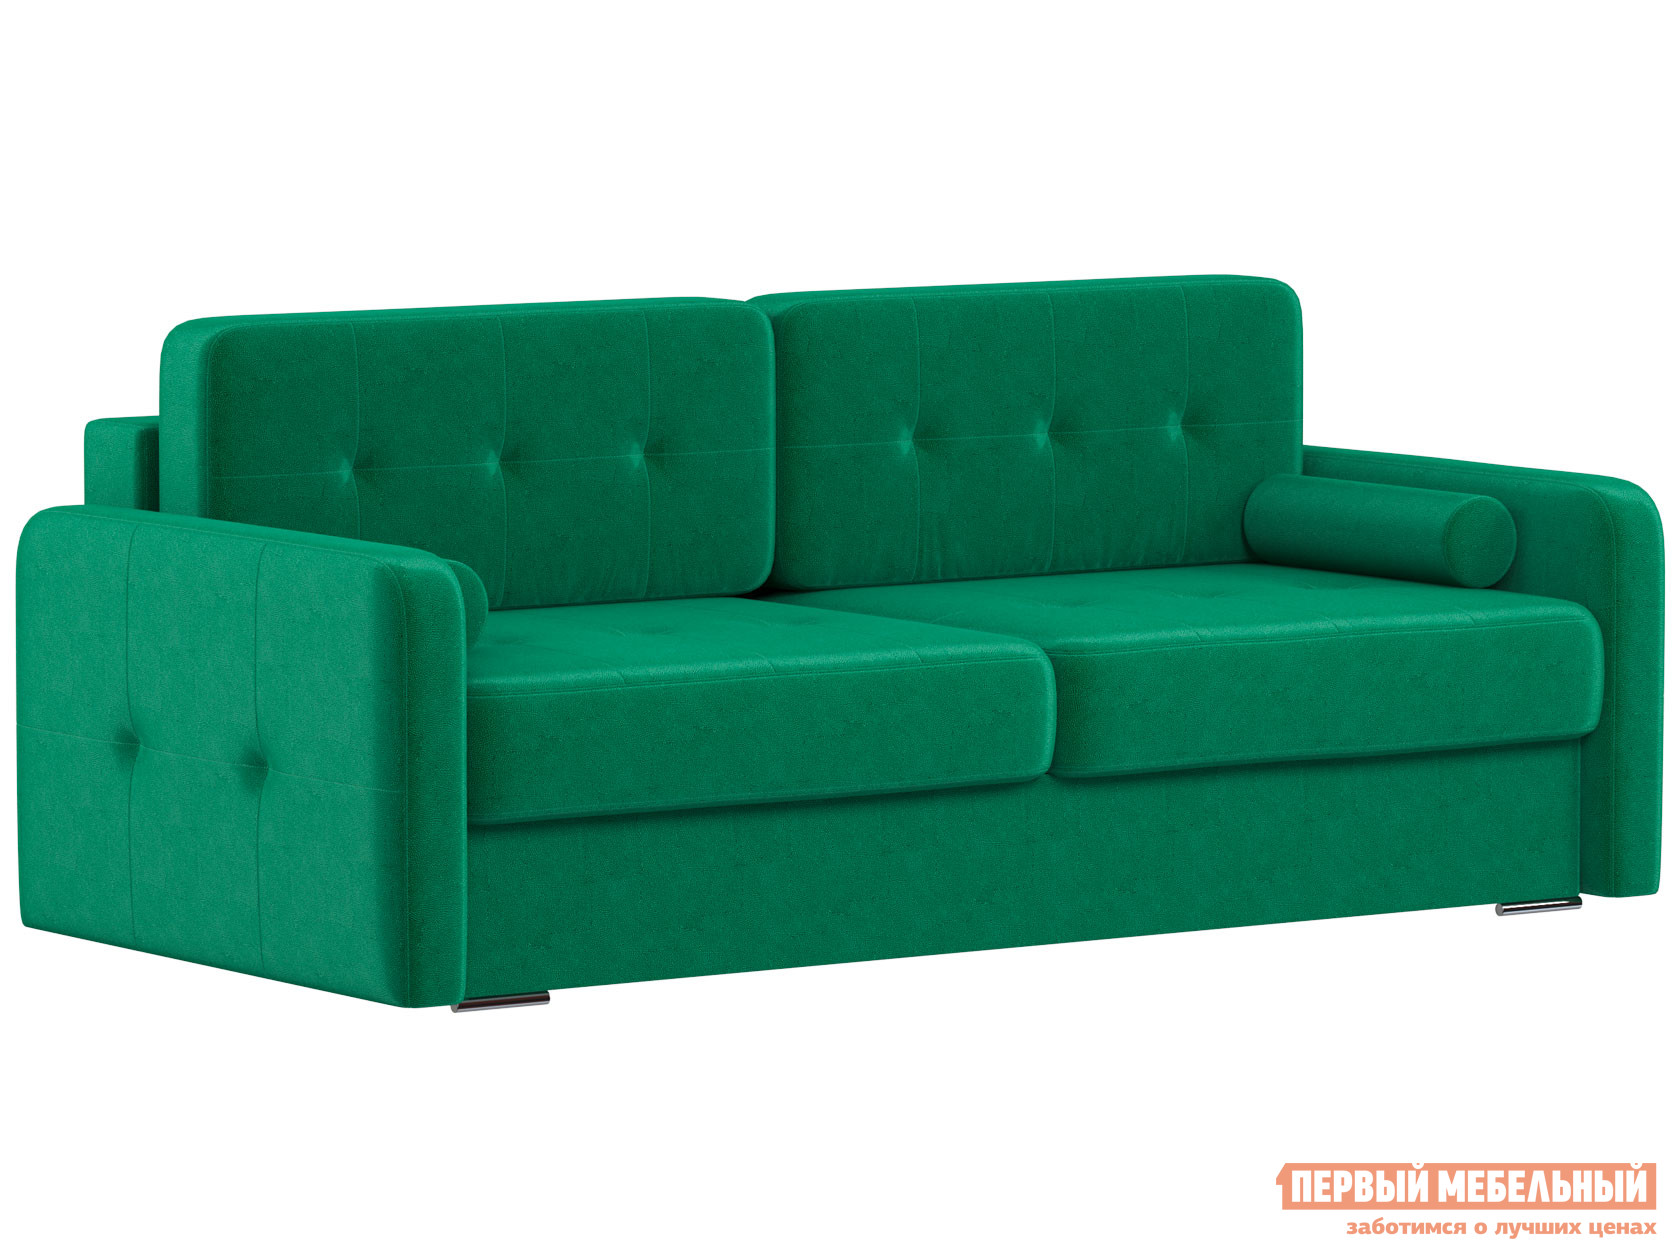 Прямой диван  Диван Буено Люкс Зеленый, велюр — Диван Буено Люкс Зеленый, велюр